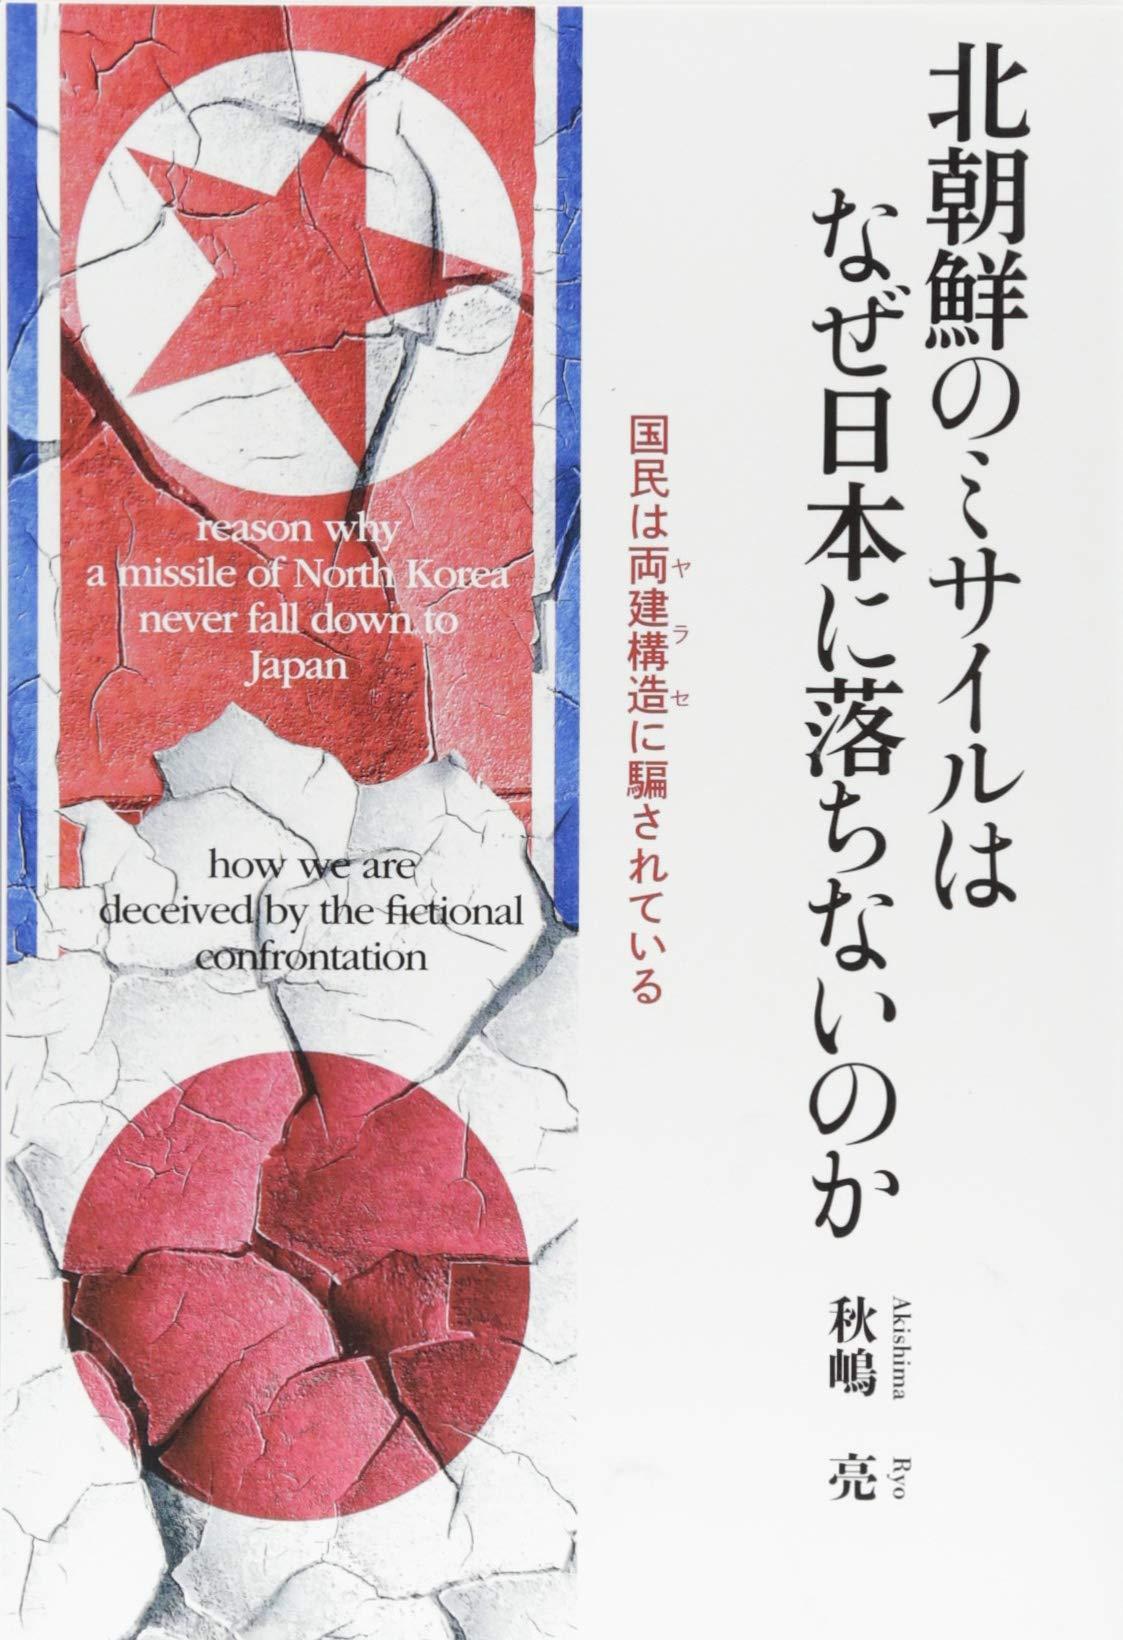 北朝鮮のミサイルはなぜ日本に落ちないのか ―国民は両建構造(ヤラセ)に ...